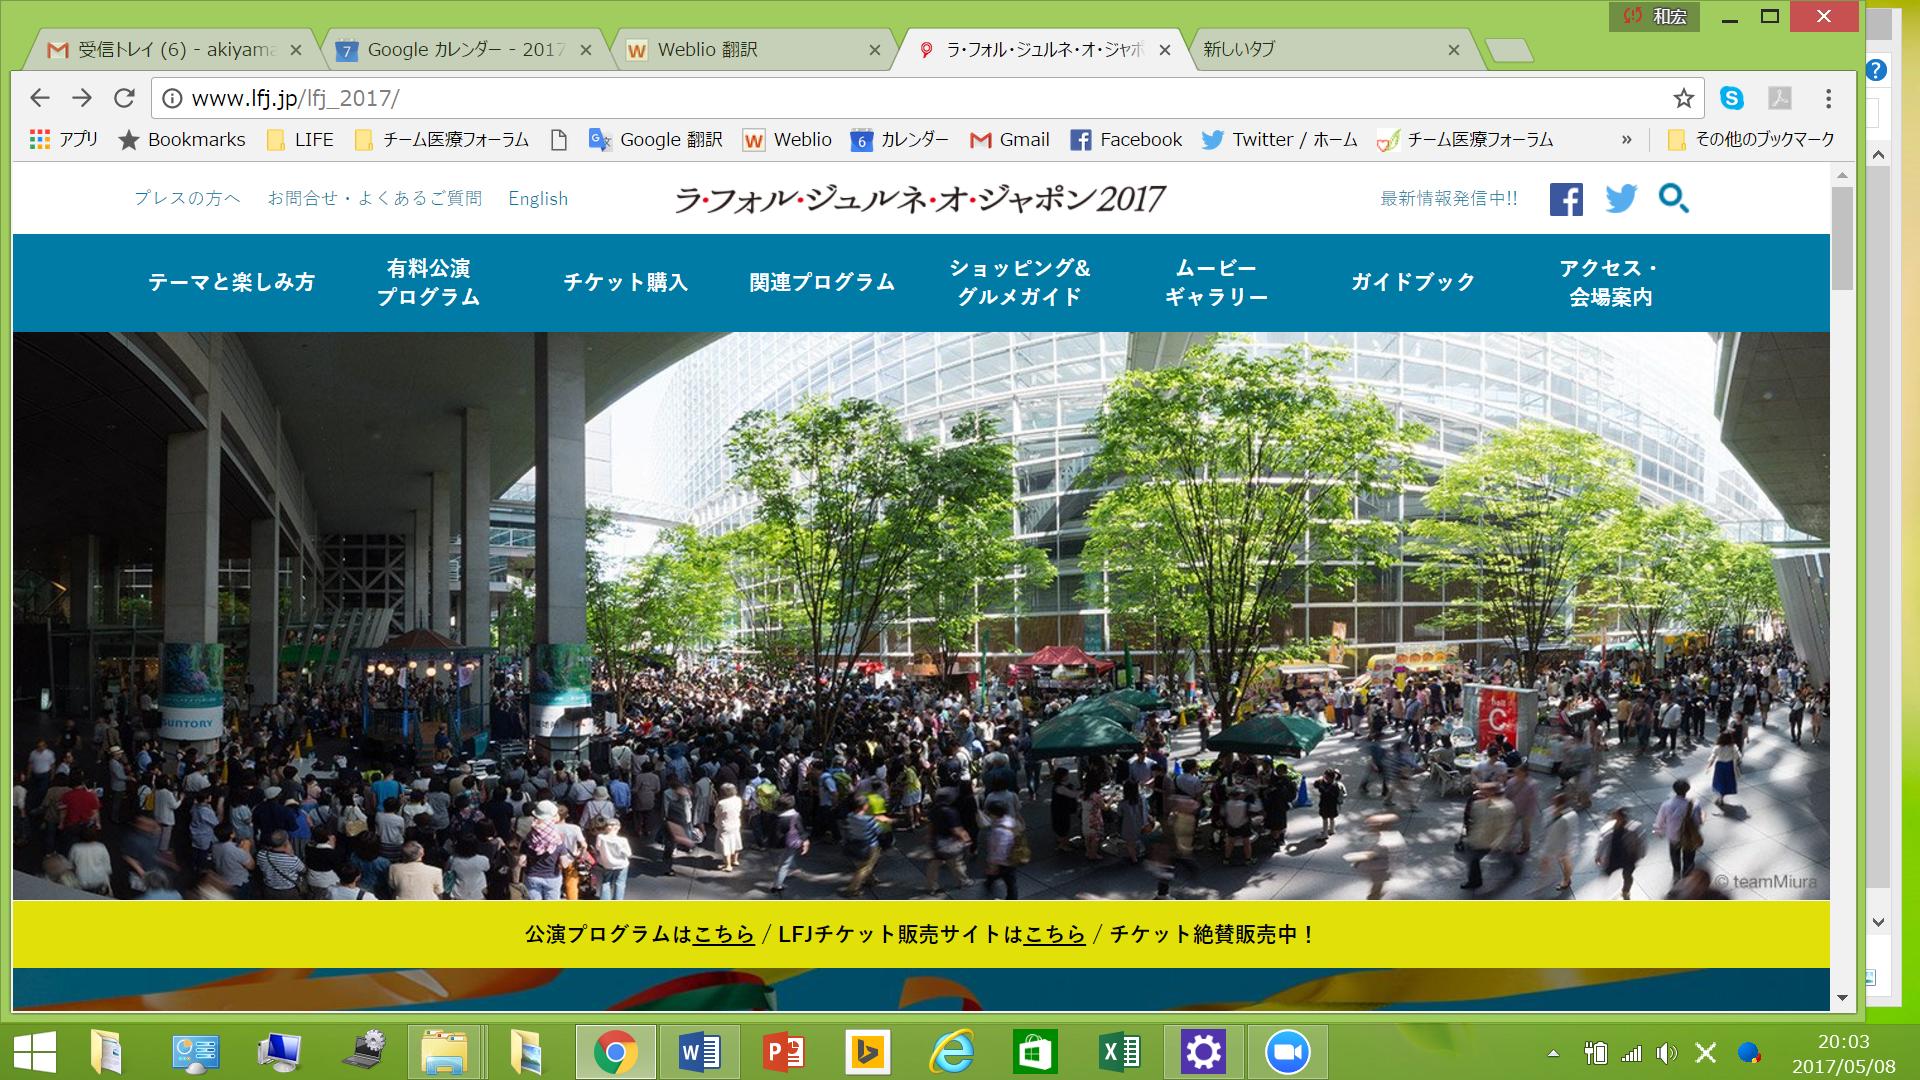 1995年、フランスの港町ナントで誕生したラ・フォル・ジュルネは、2005年「ラ・フォル・ジュルネ・オ・ジャポン」として東京に上陸しました。2007年には来場者数100万人を超え、2016年までに延べ726万人の来場者数を記録。世界最大級の音楽祭に成長しています。